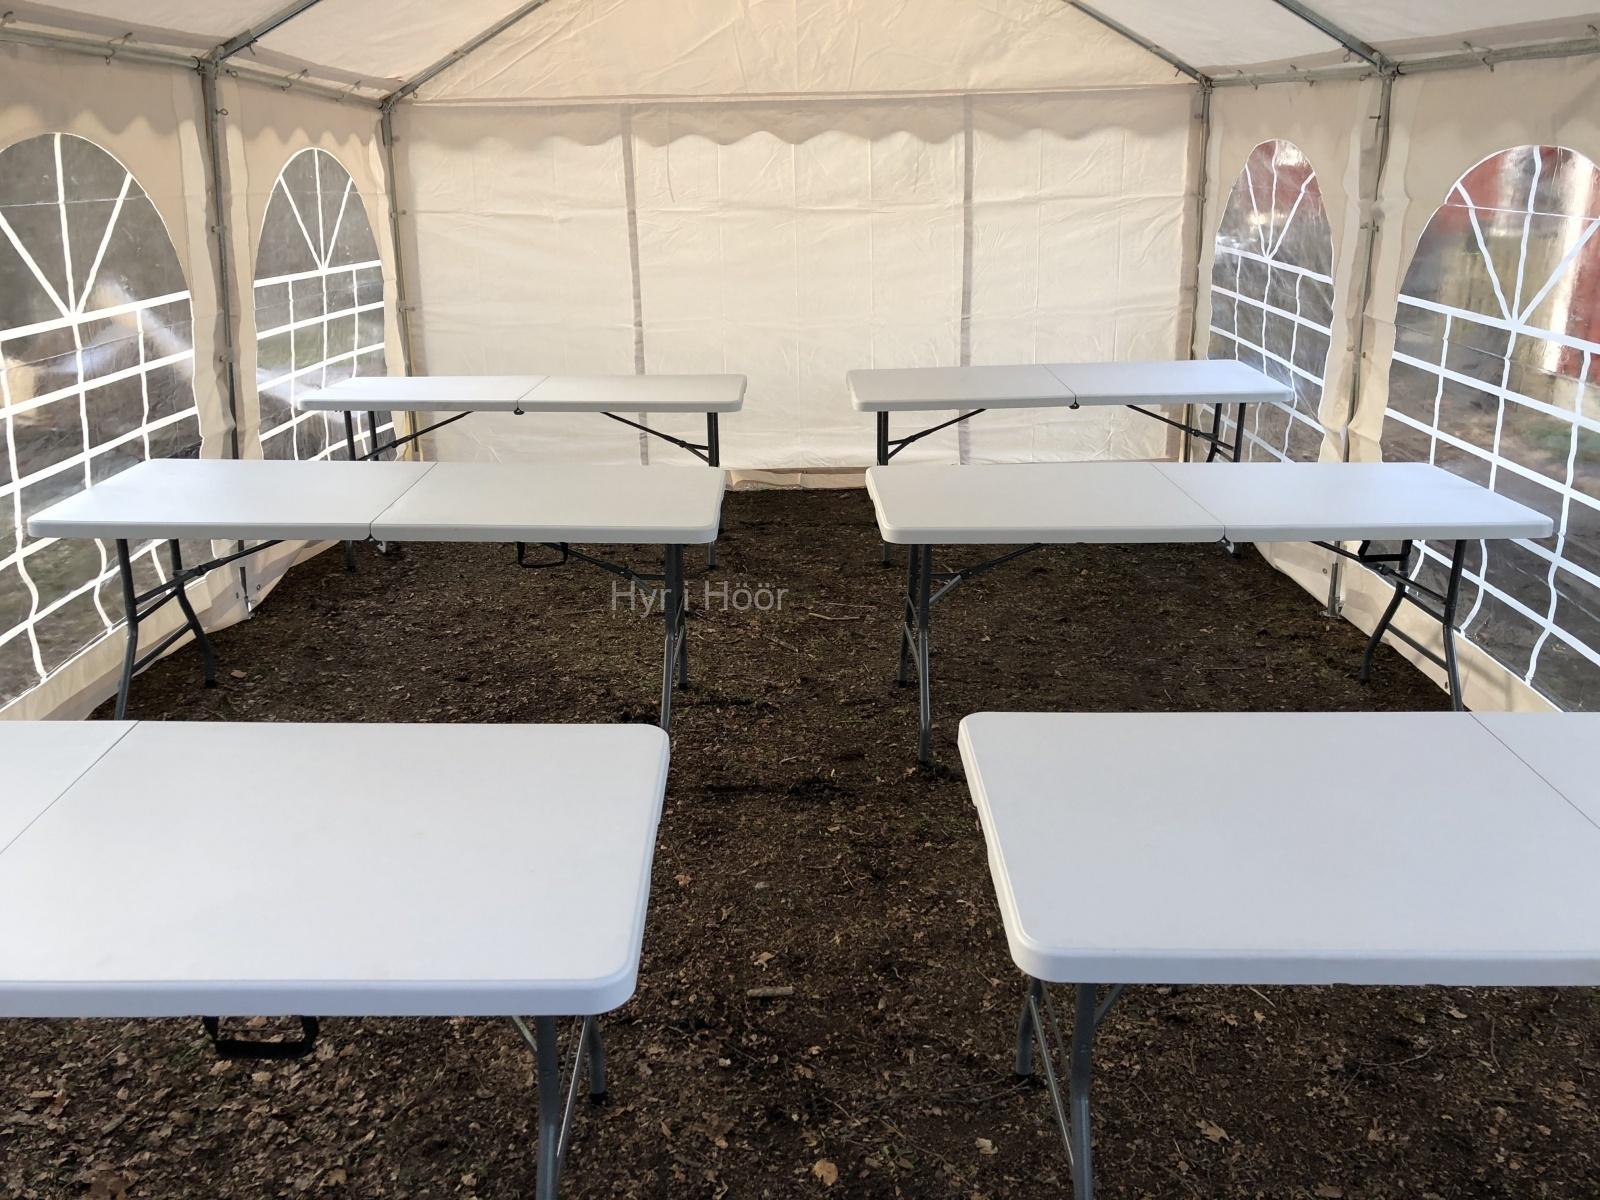 Hyr i Höör – Hyr partytält, bord och stolar i Höör Eslöv Hörby